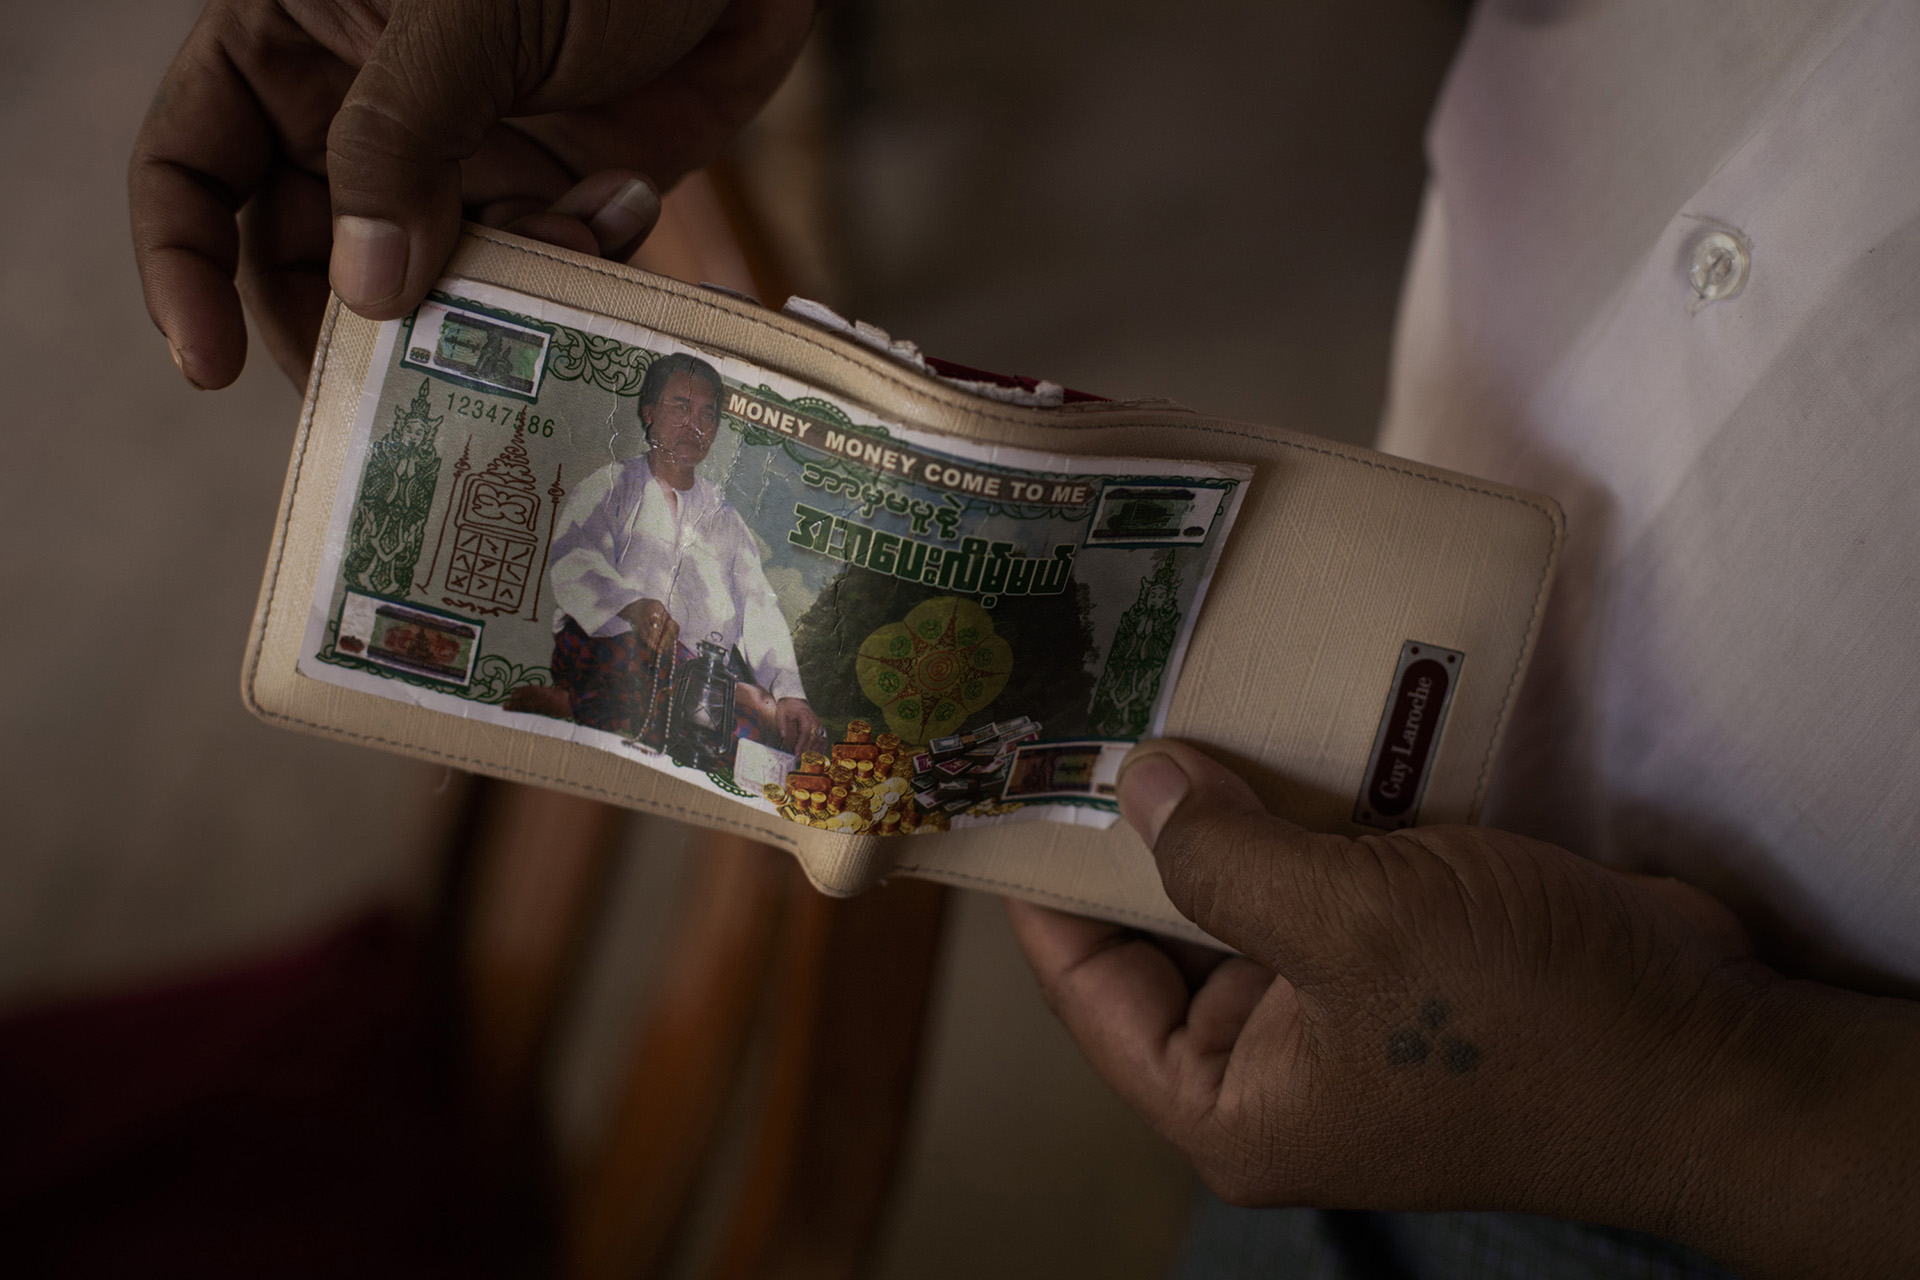 """Un serveur exhibant le billet porte bonheur qu'il a eu chez Kaung Si Thu, un astrologue réputé de Bagan. Sur ce faux billet on lit notamment """"Money, money come to me"""". Bagan, Birmanie, Mai 2015."""